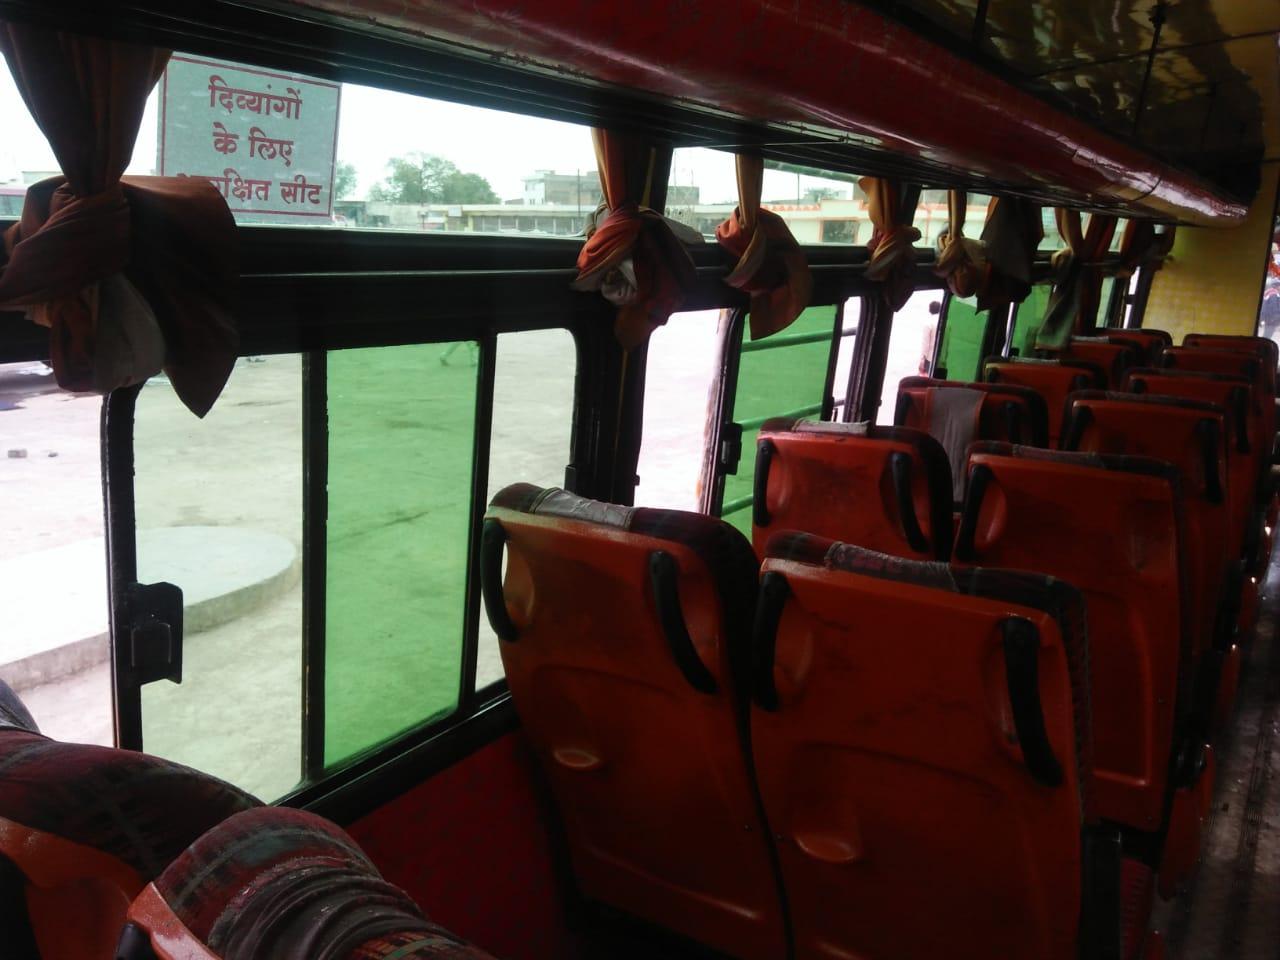 परिवहन विभाग ने बस स्टेण्ड और बसों में चस्पा करवाएं निर्देश